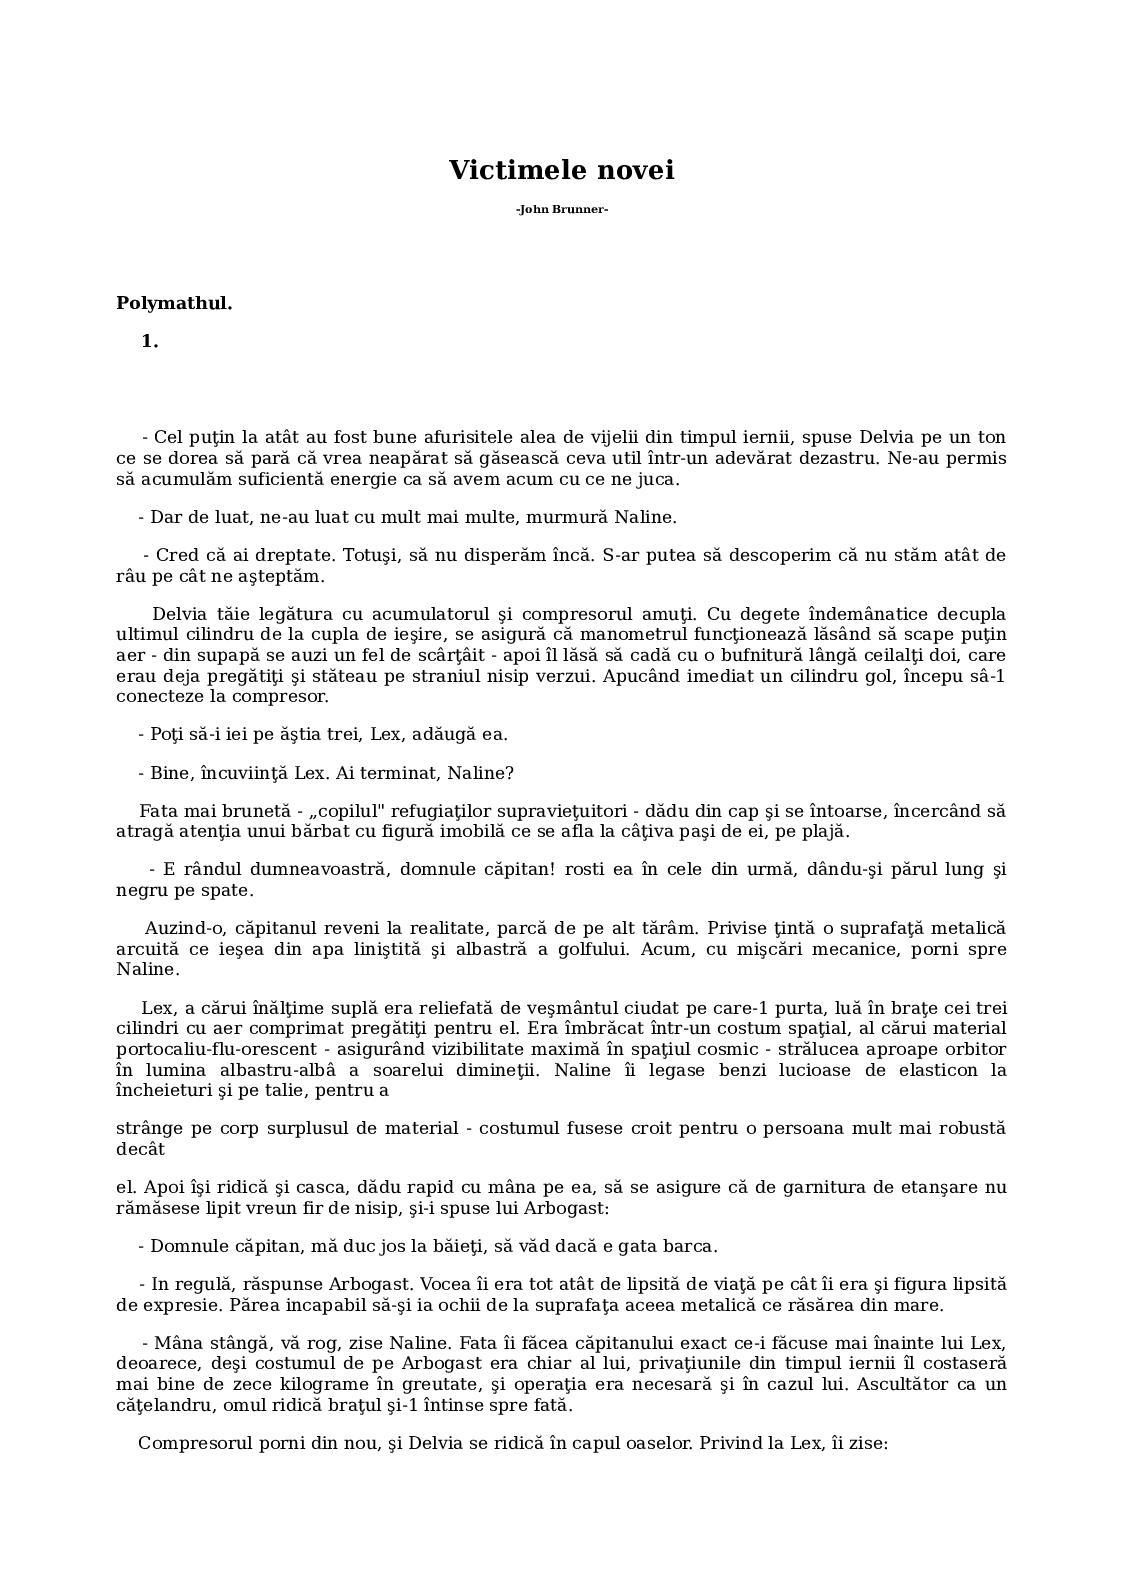 until he became - Traducere în română - exemple în engleză | Reverso Context